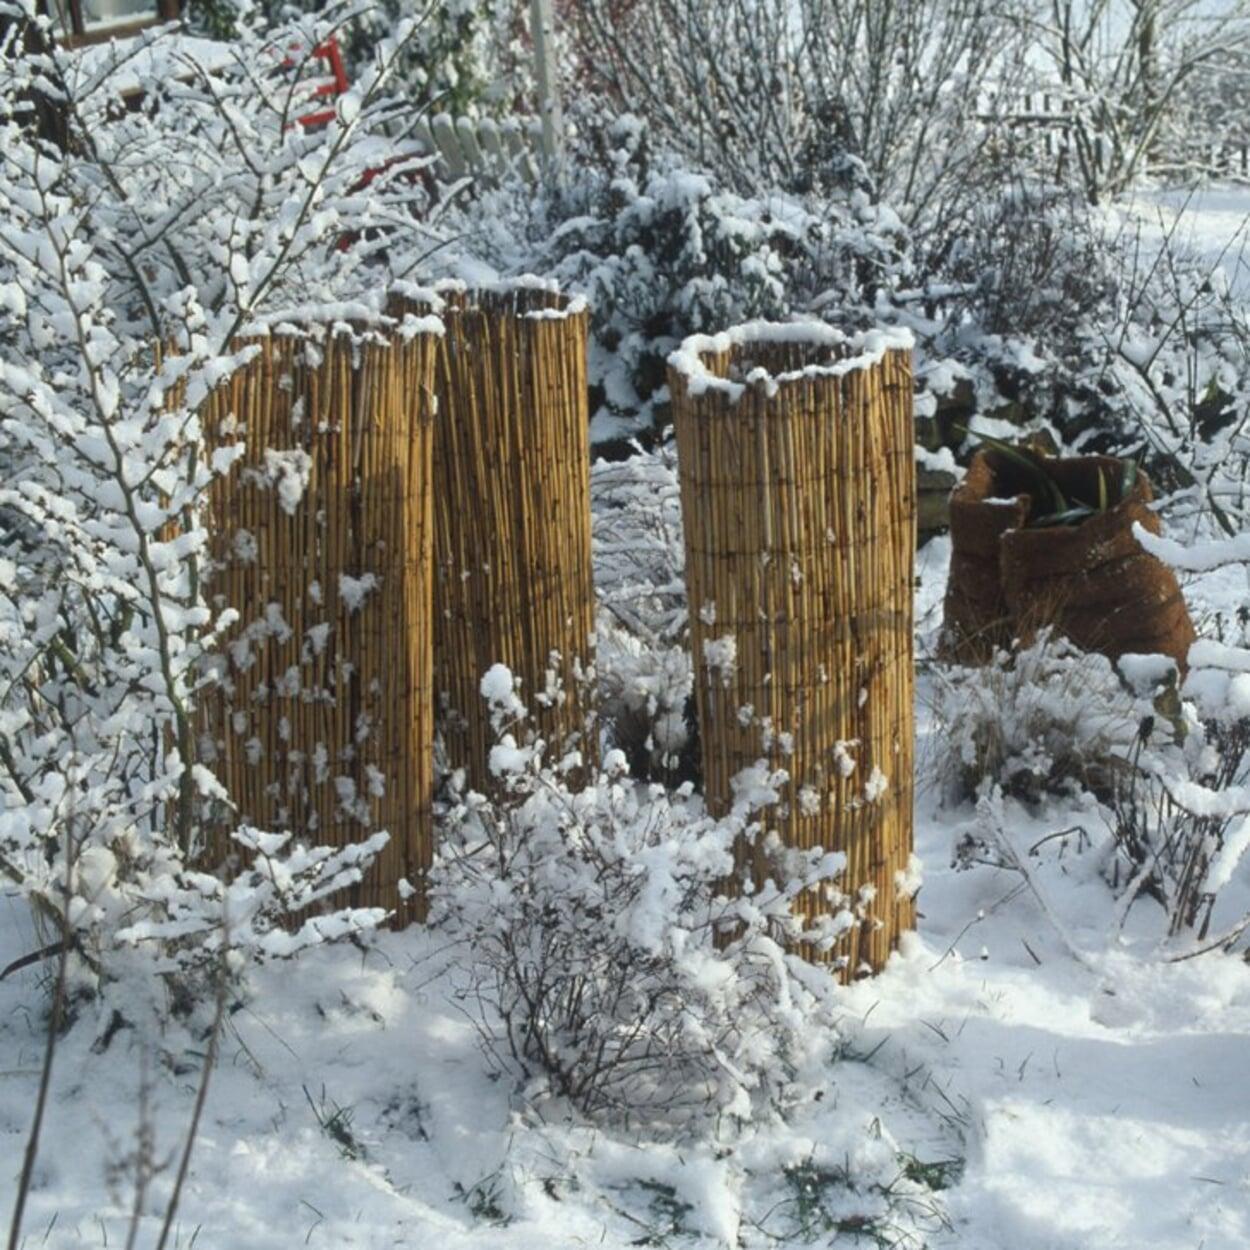 Gefährdete Pflanzen vor Frost und hoher Schneelast schützen